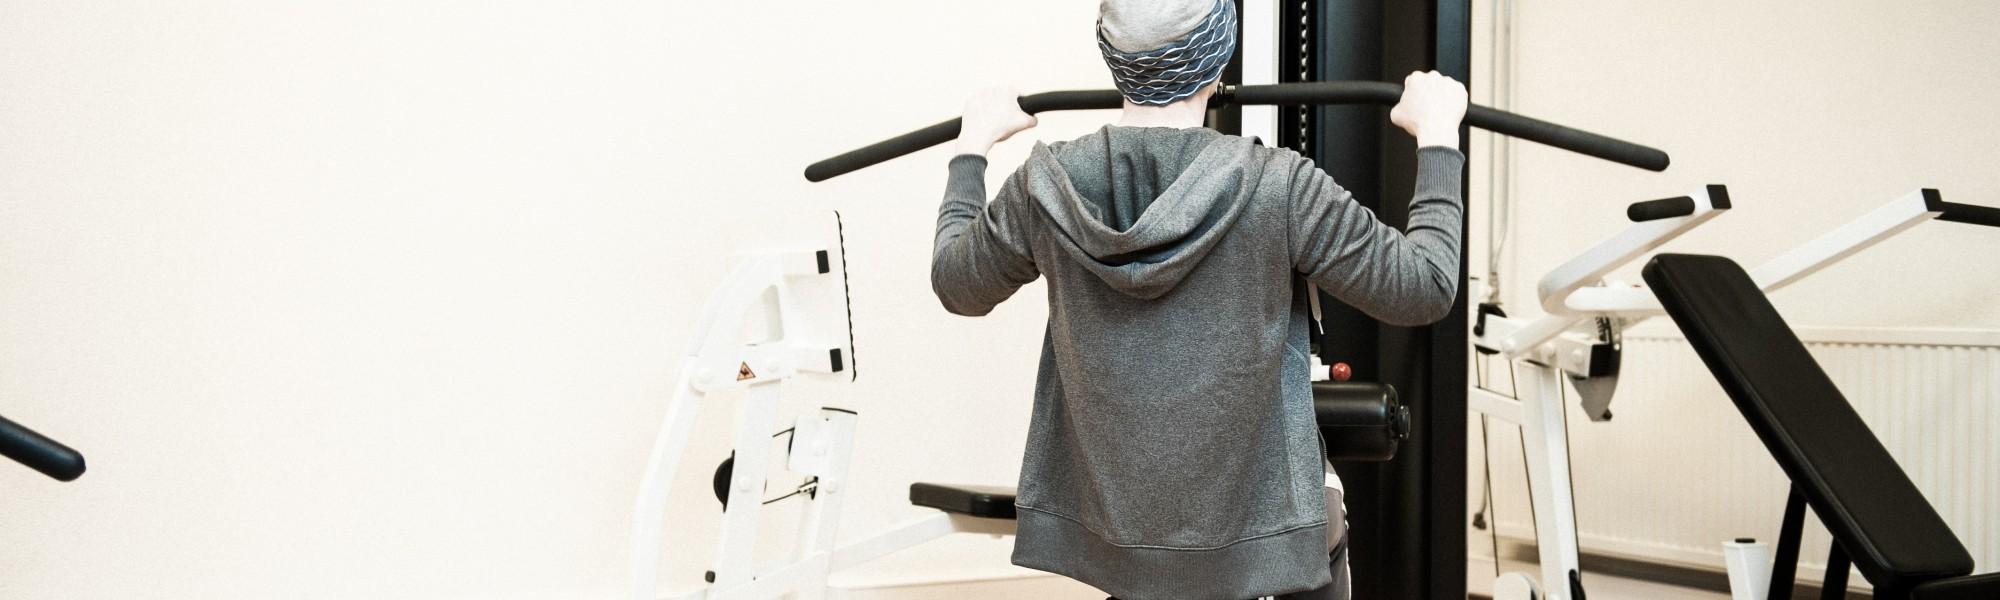 Fysiotherapie Driebergen Oncologiefysiotherapie